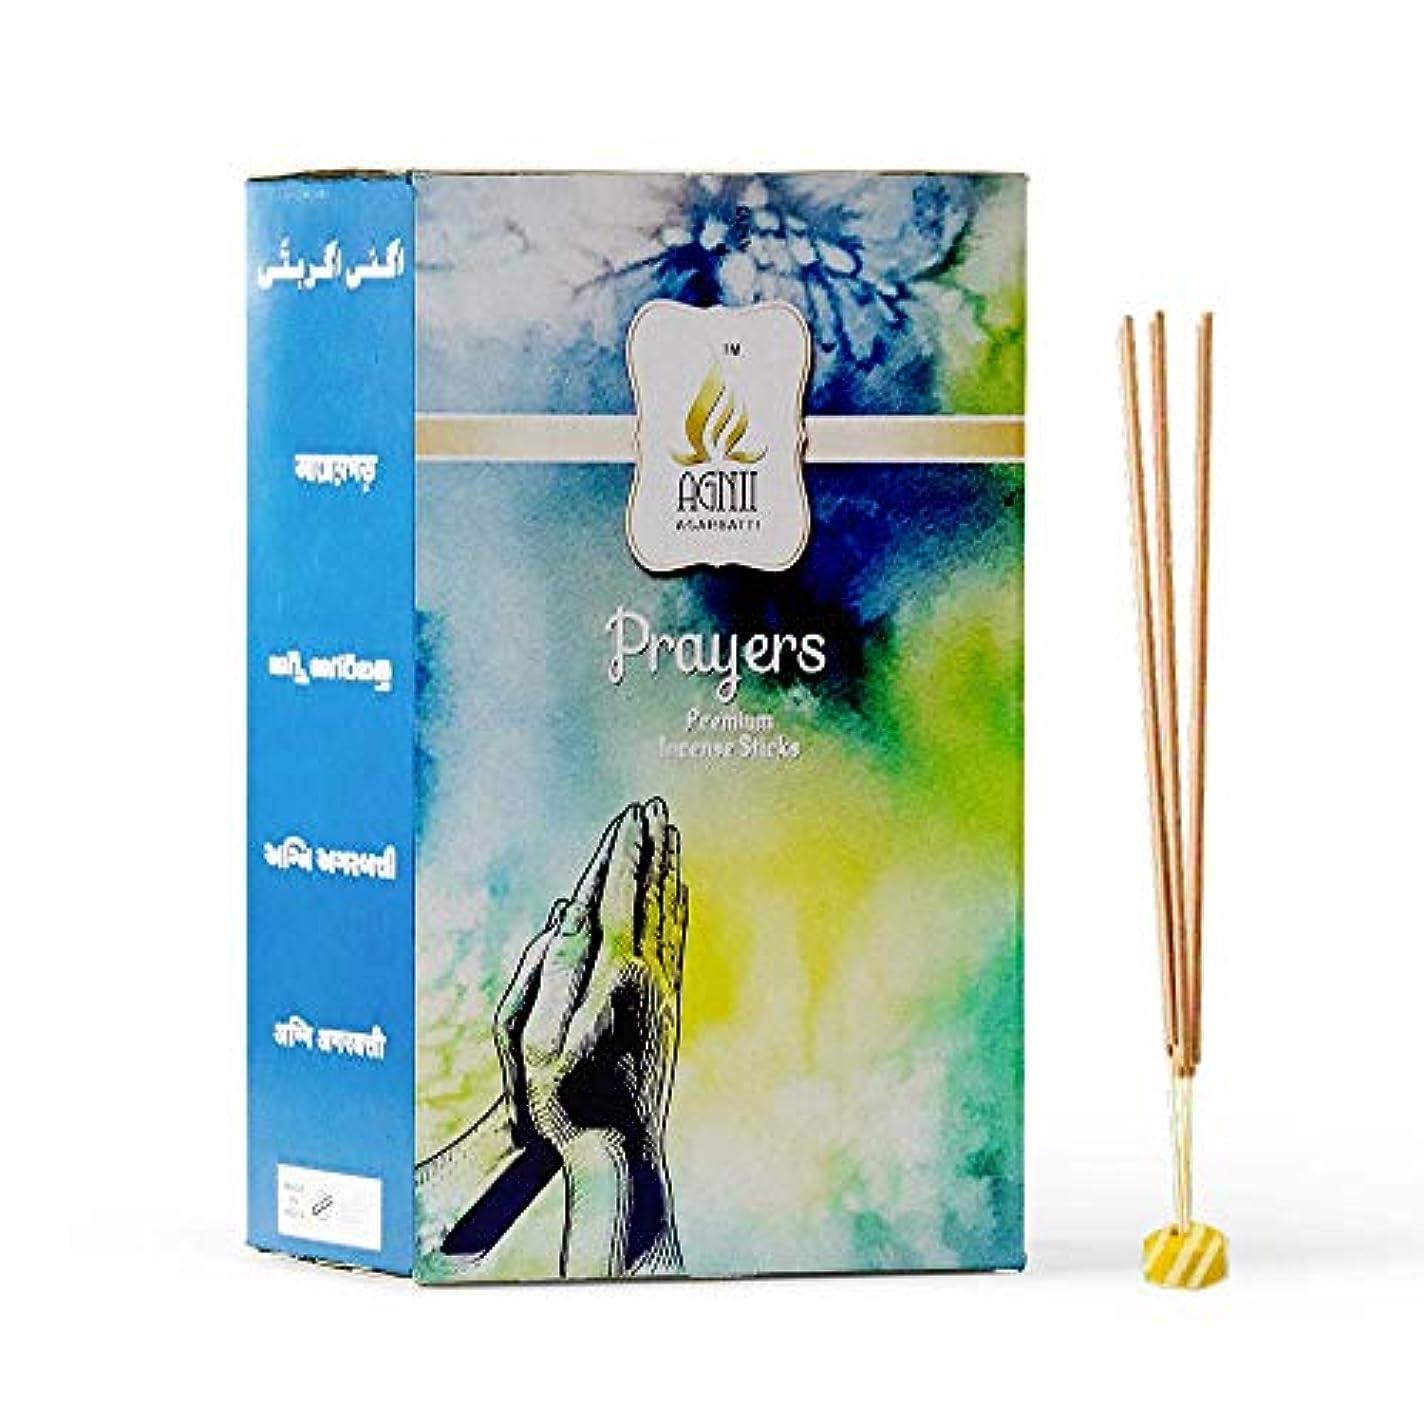 間欠差し控える北西AGNII AGARBATTI Prayers Incense Sticks (18 GRM_Brown) Pack of 12